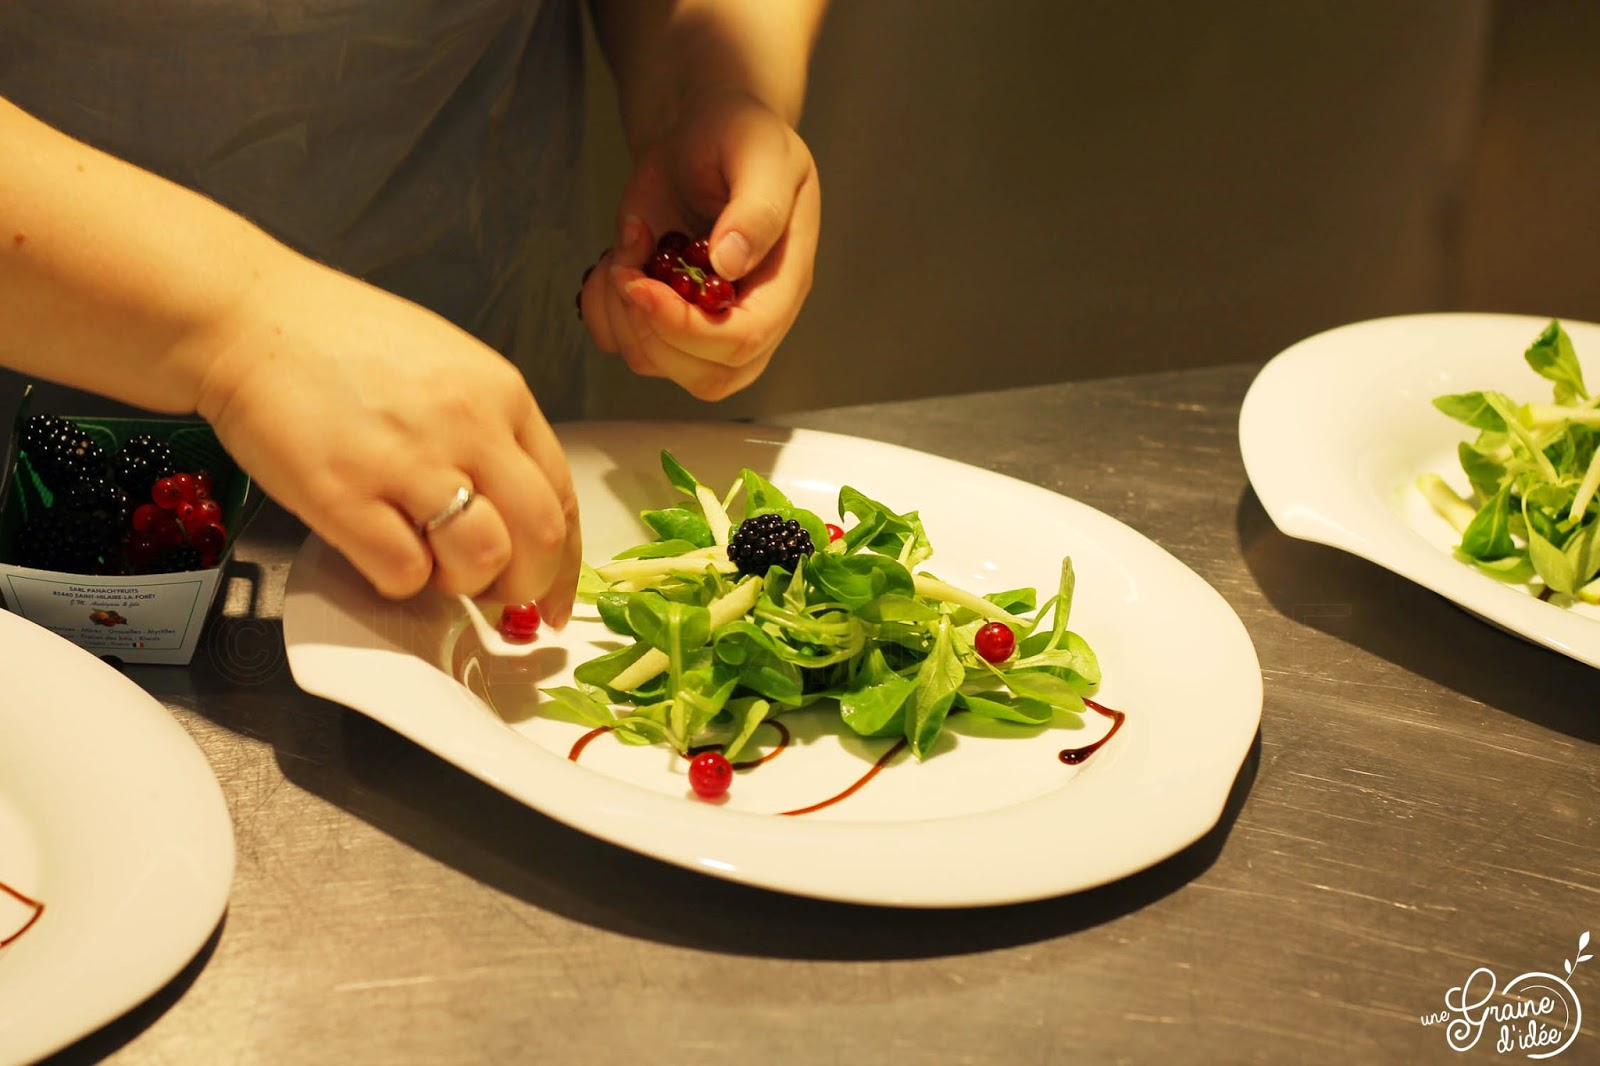 Salade Fraîcheur et son Curé Nantais Pané Noisette - Une Graine d'Idée